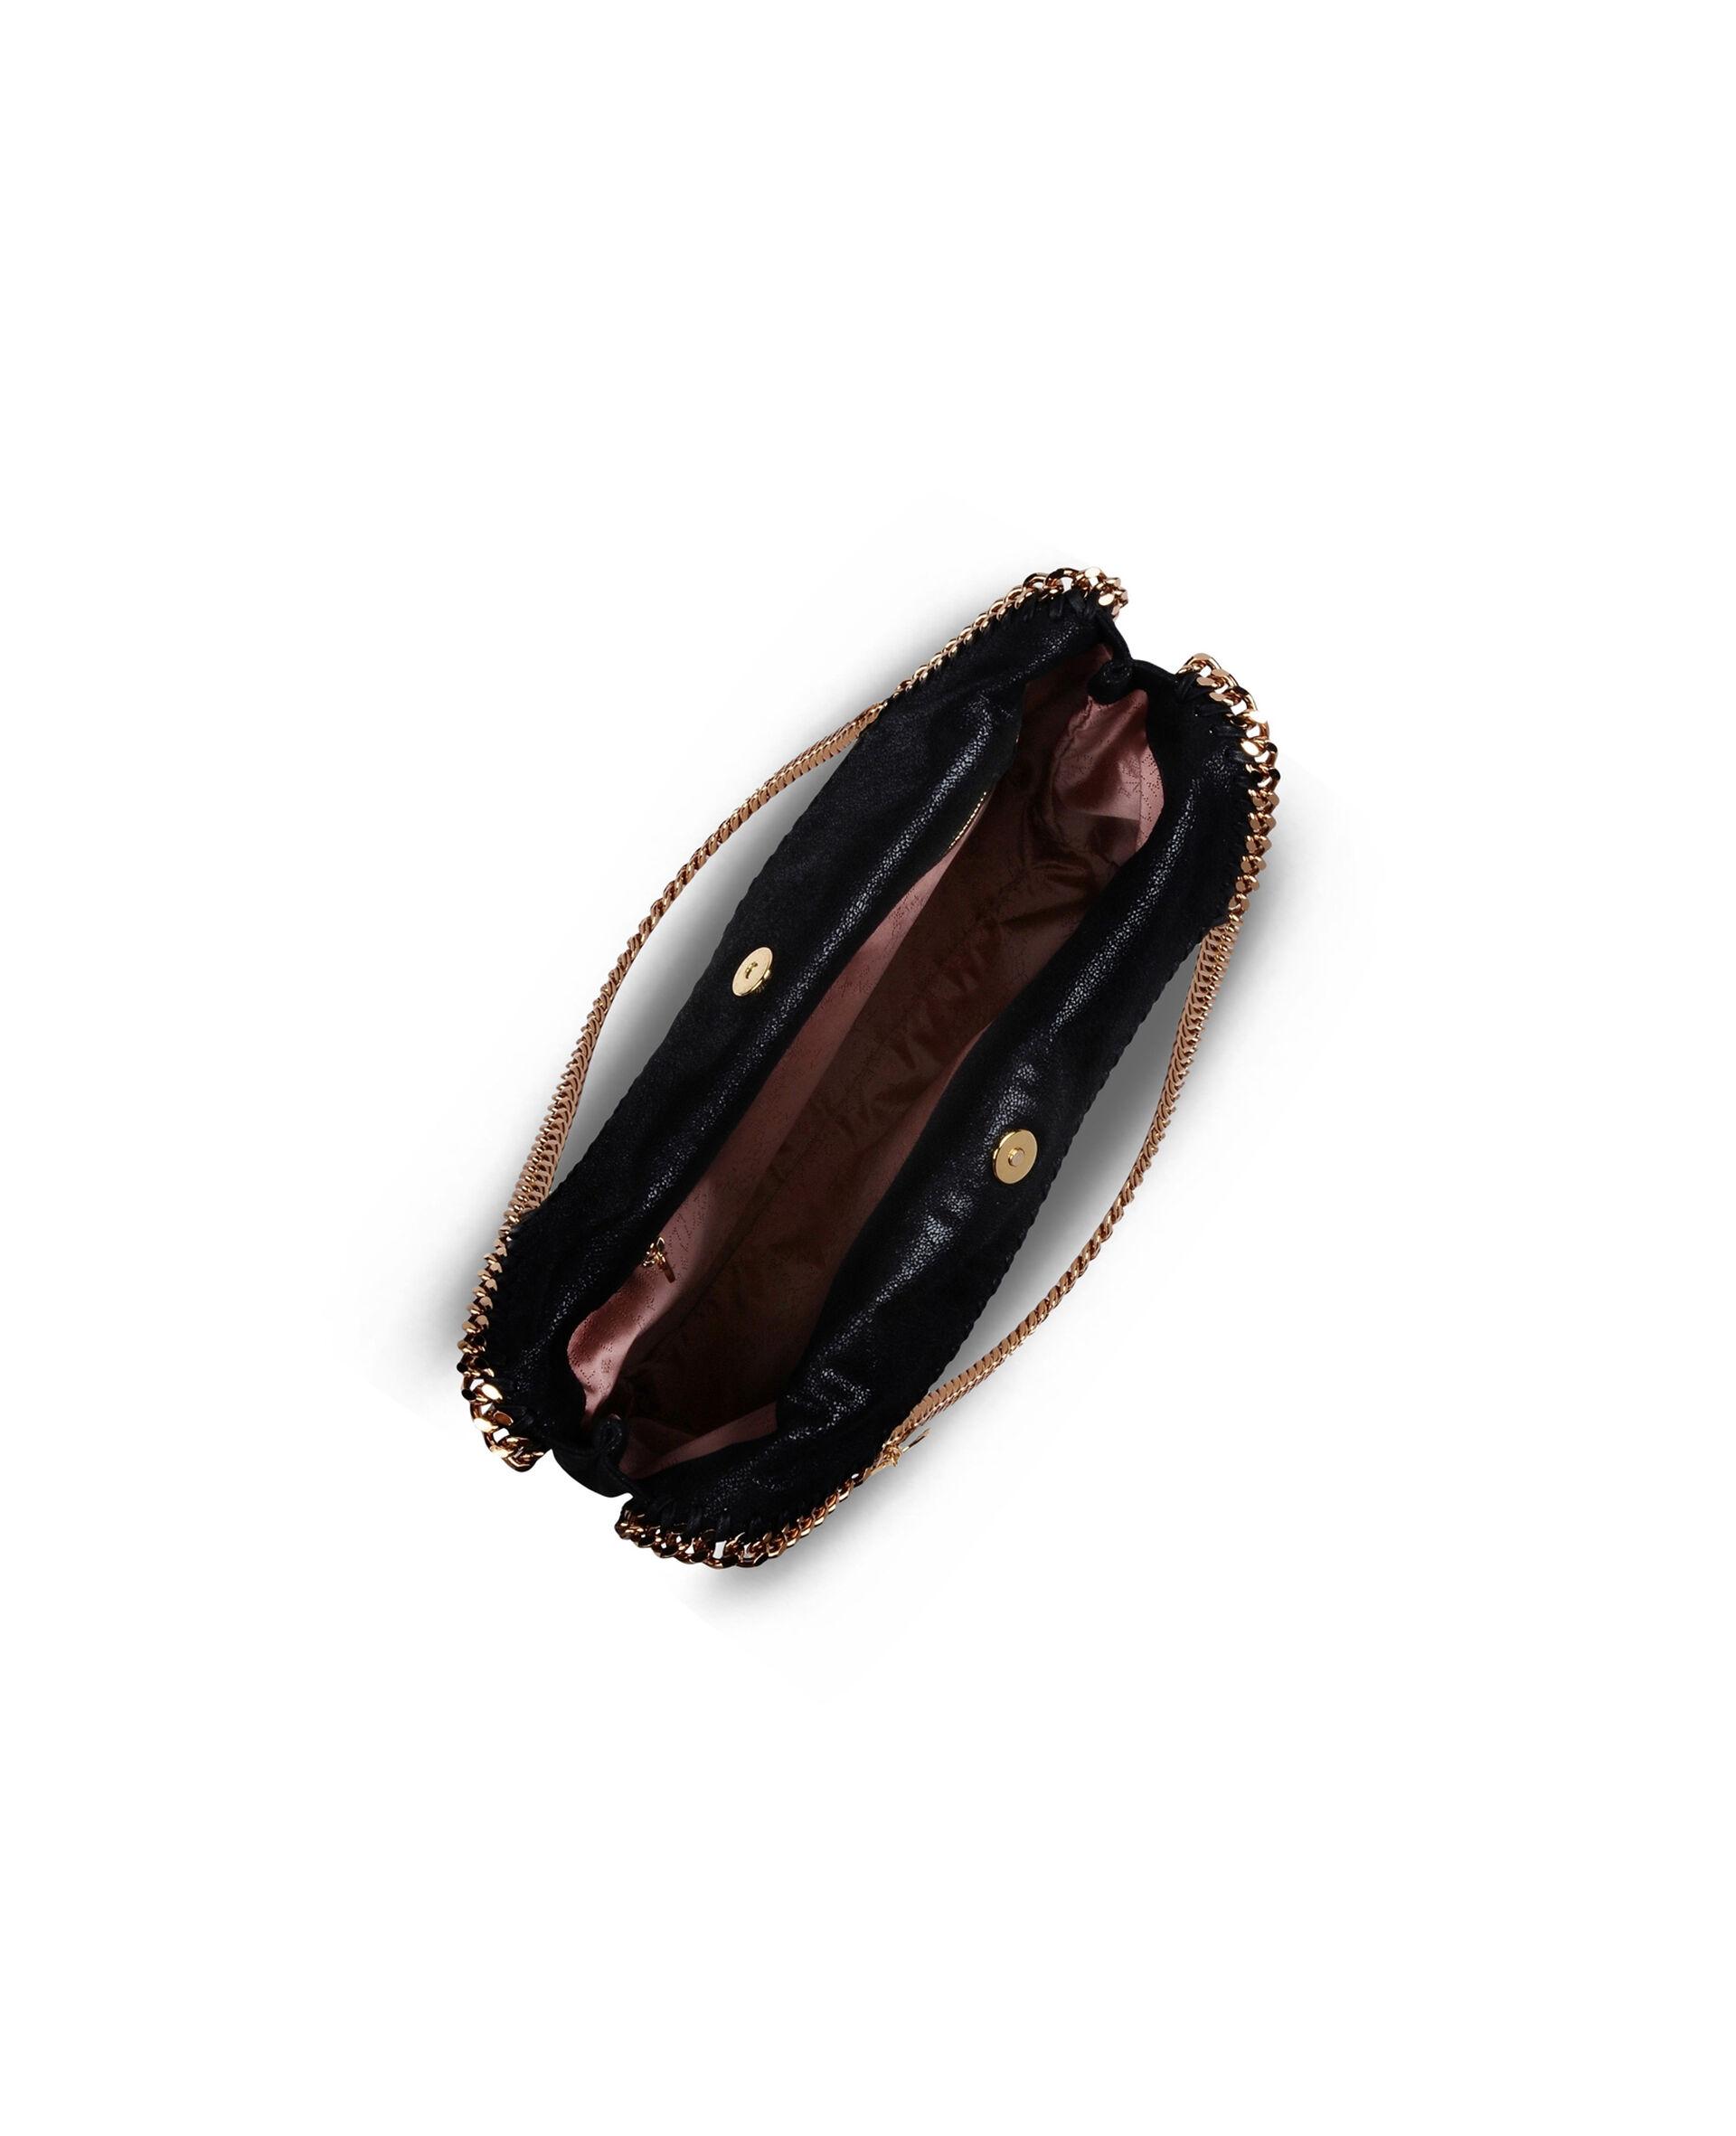 Falabella 托特包-黑色-large image number 2